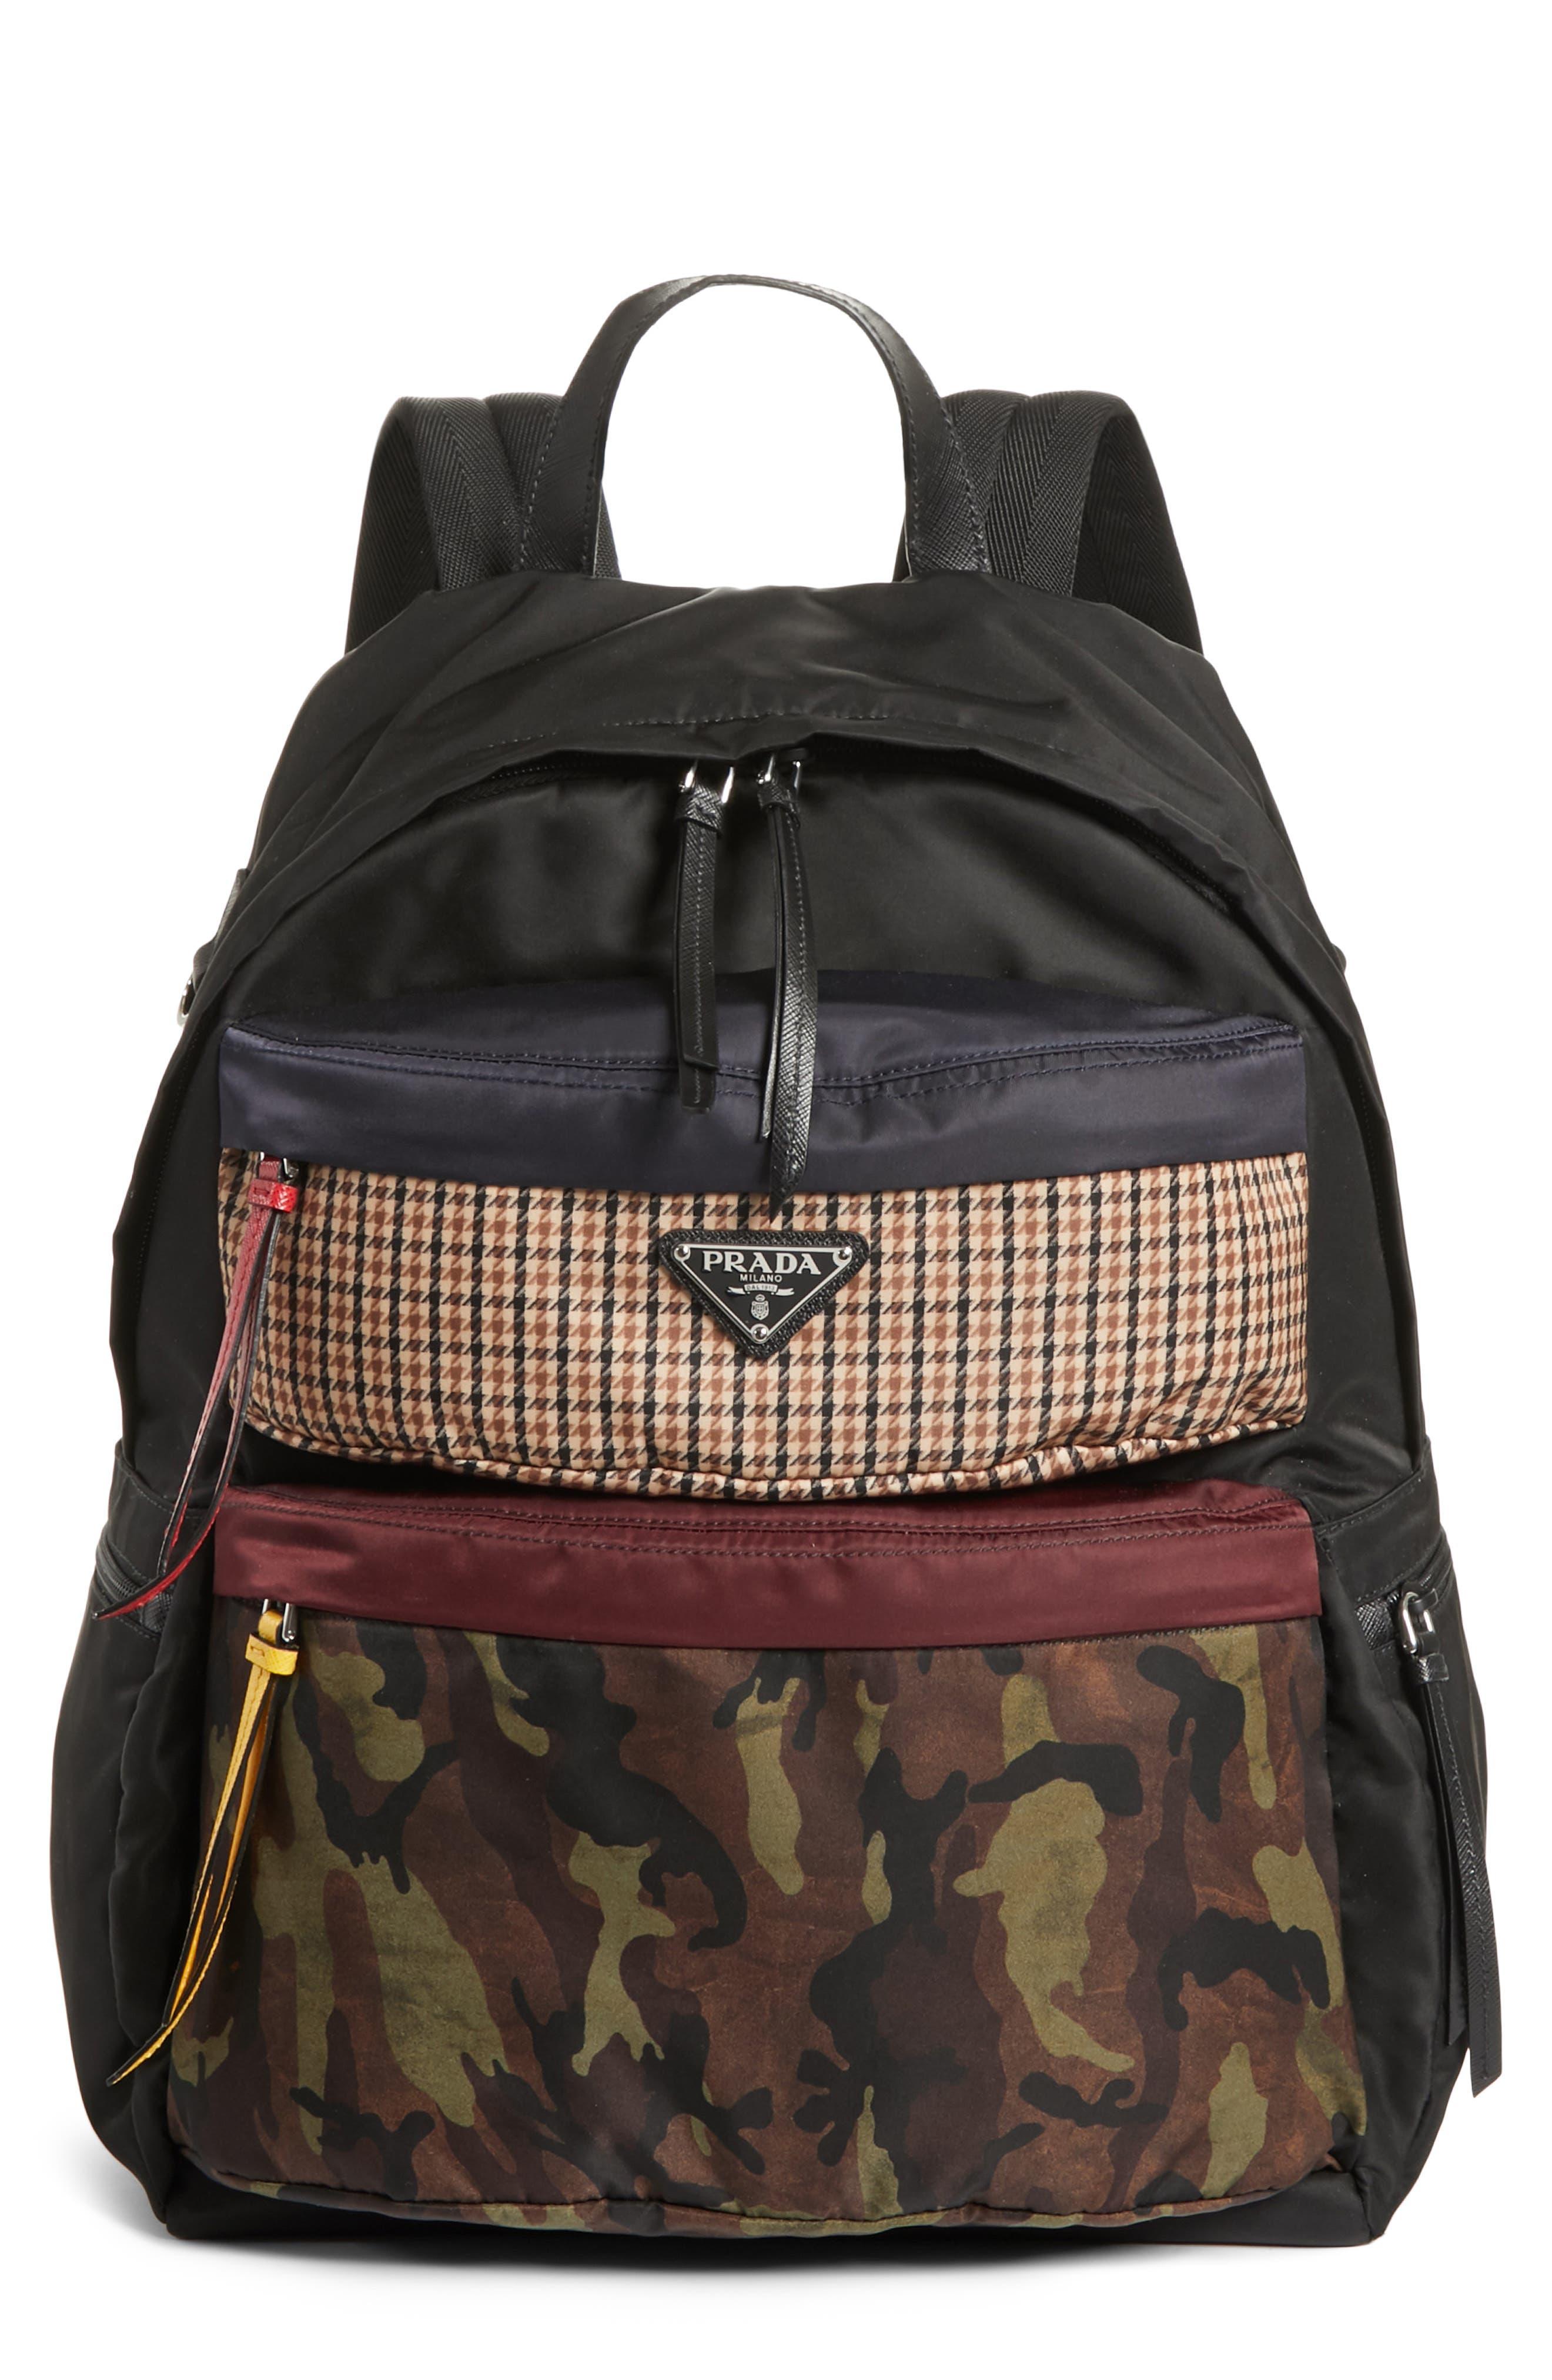 3210f72007 Men s Prada Backpacks